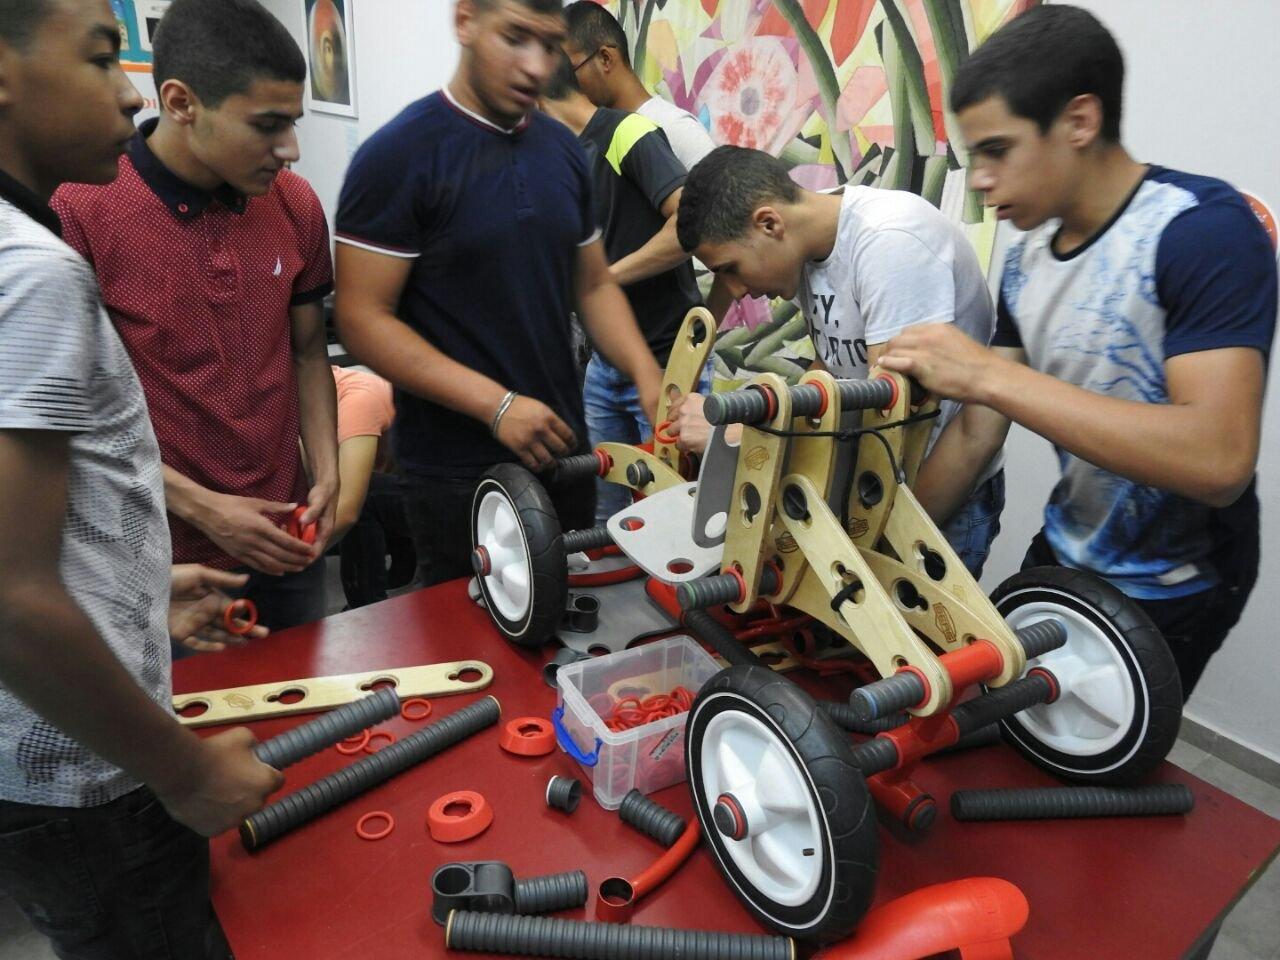 أورط الأخوة جلبوع تكرم طلابها المتميزين في المشاريع التعليمية